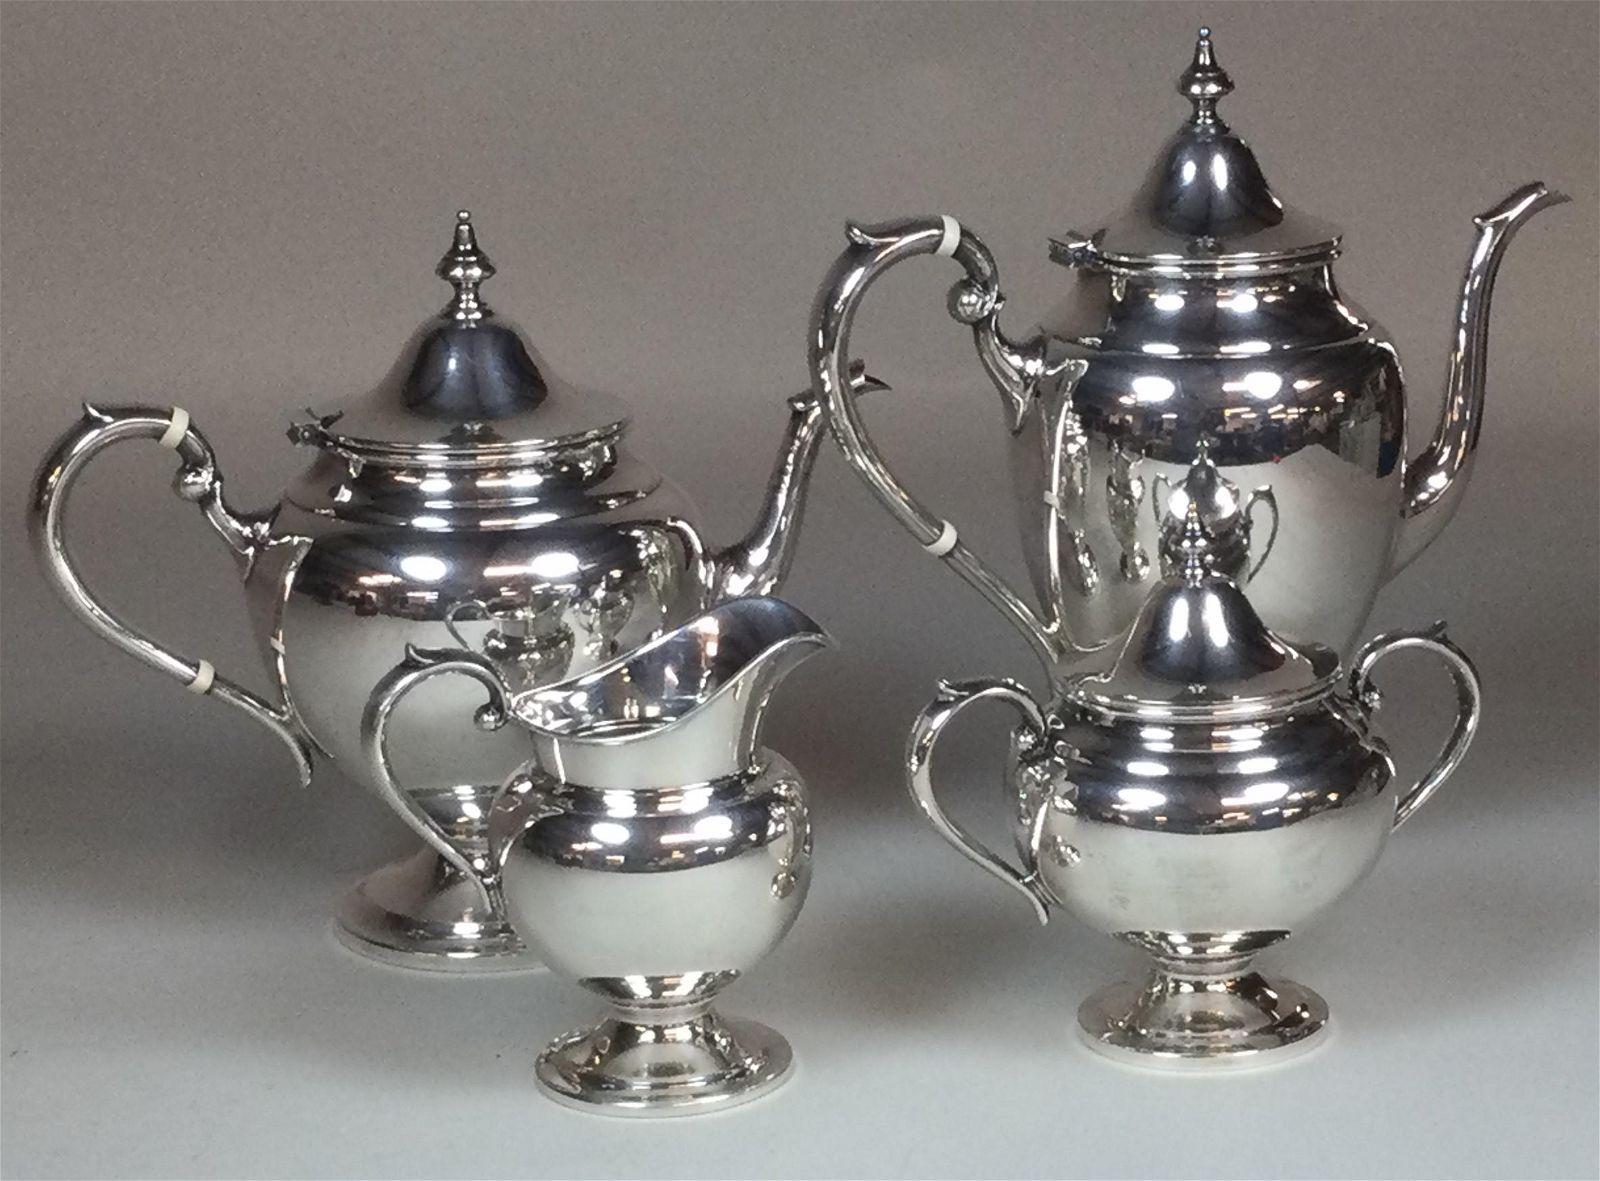 4 Piece Gorham Sterling Tea & Coffee Service